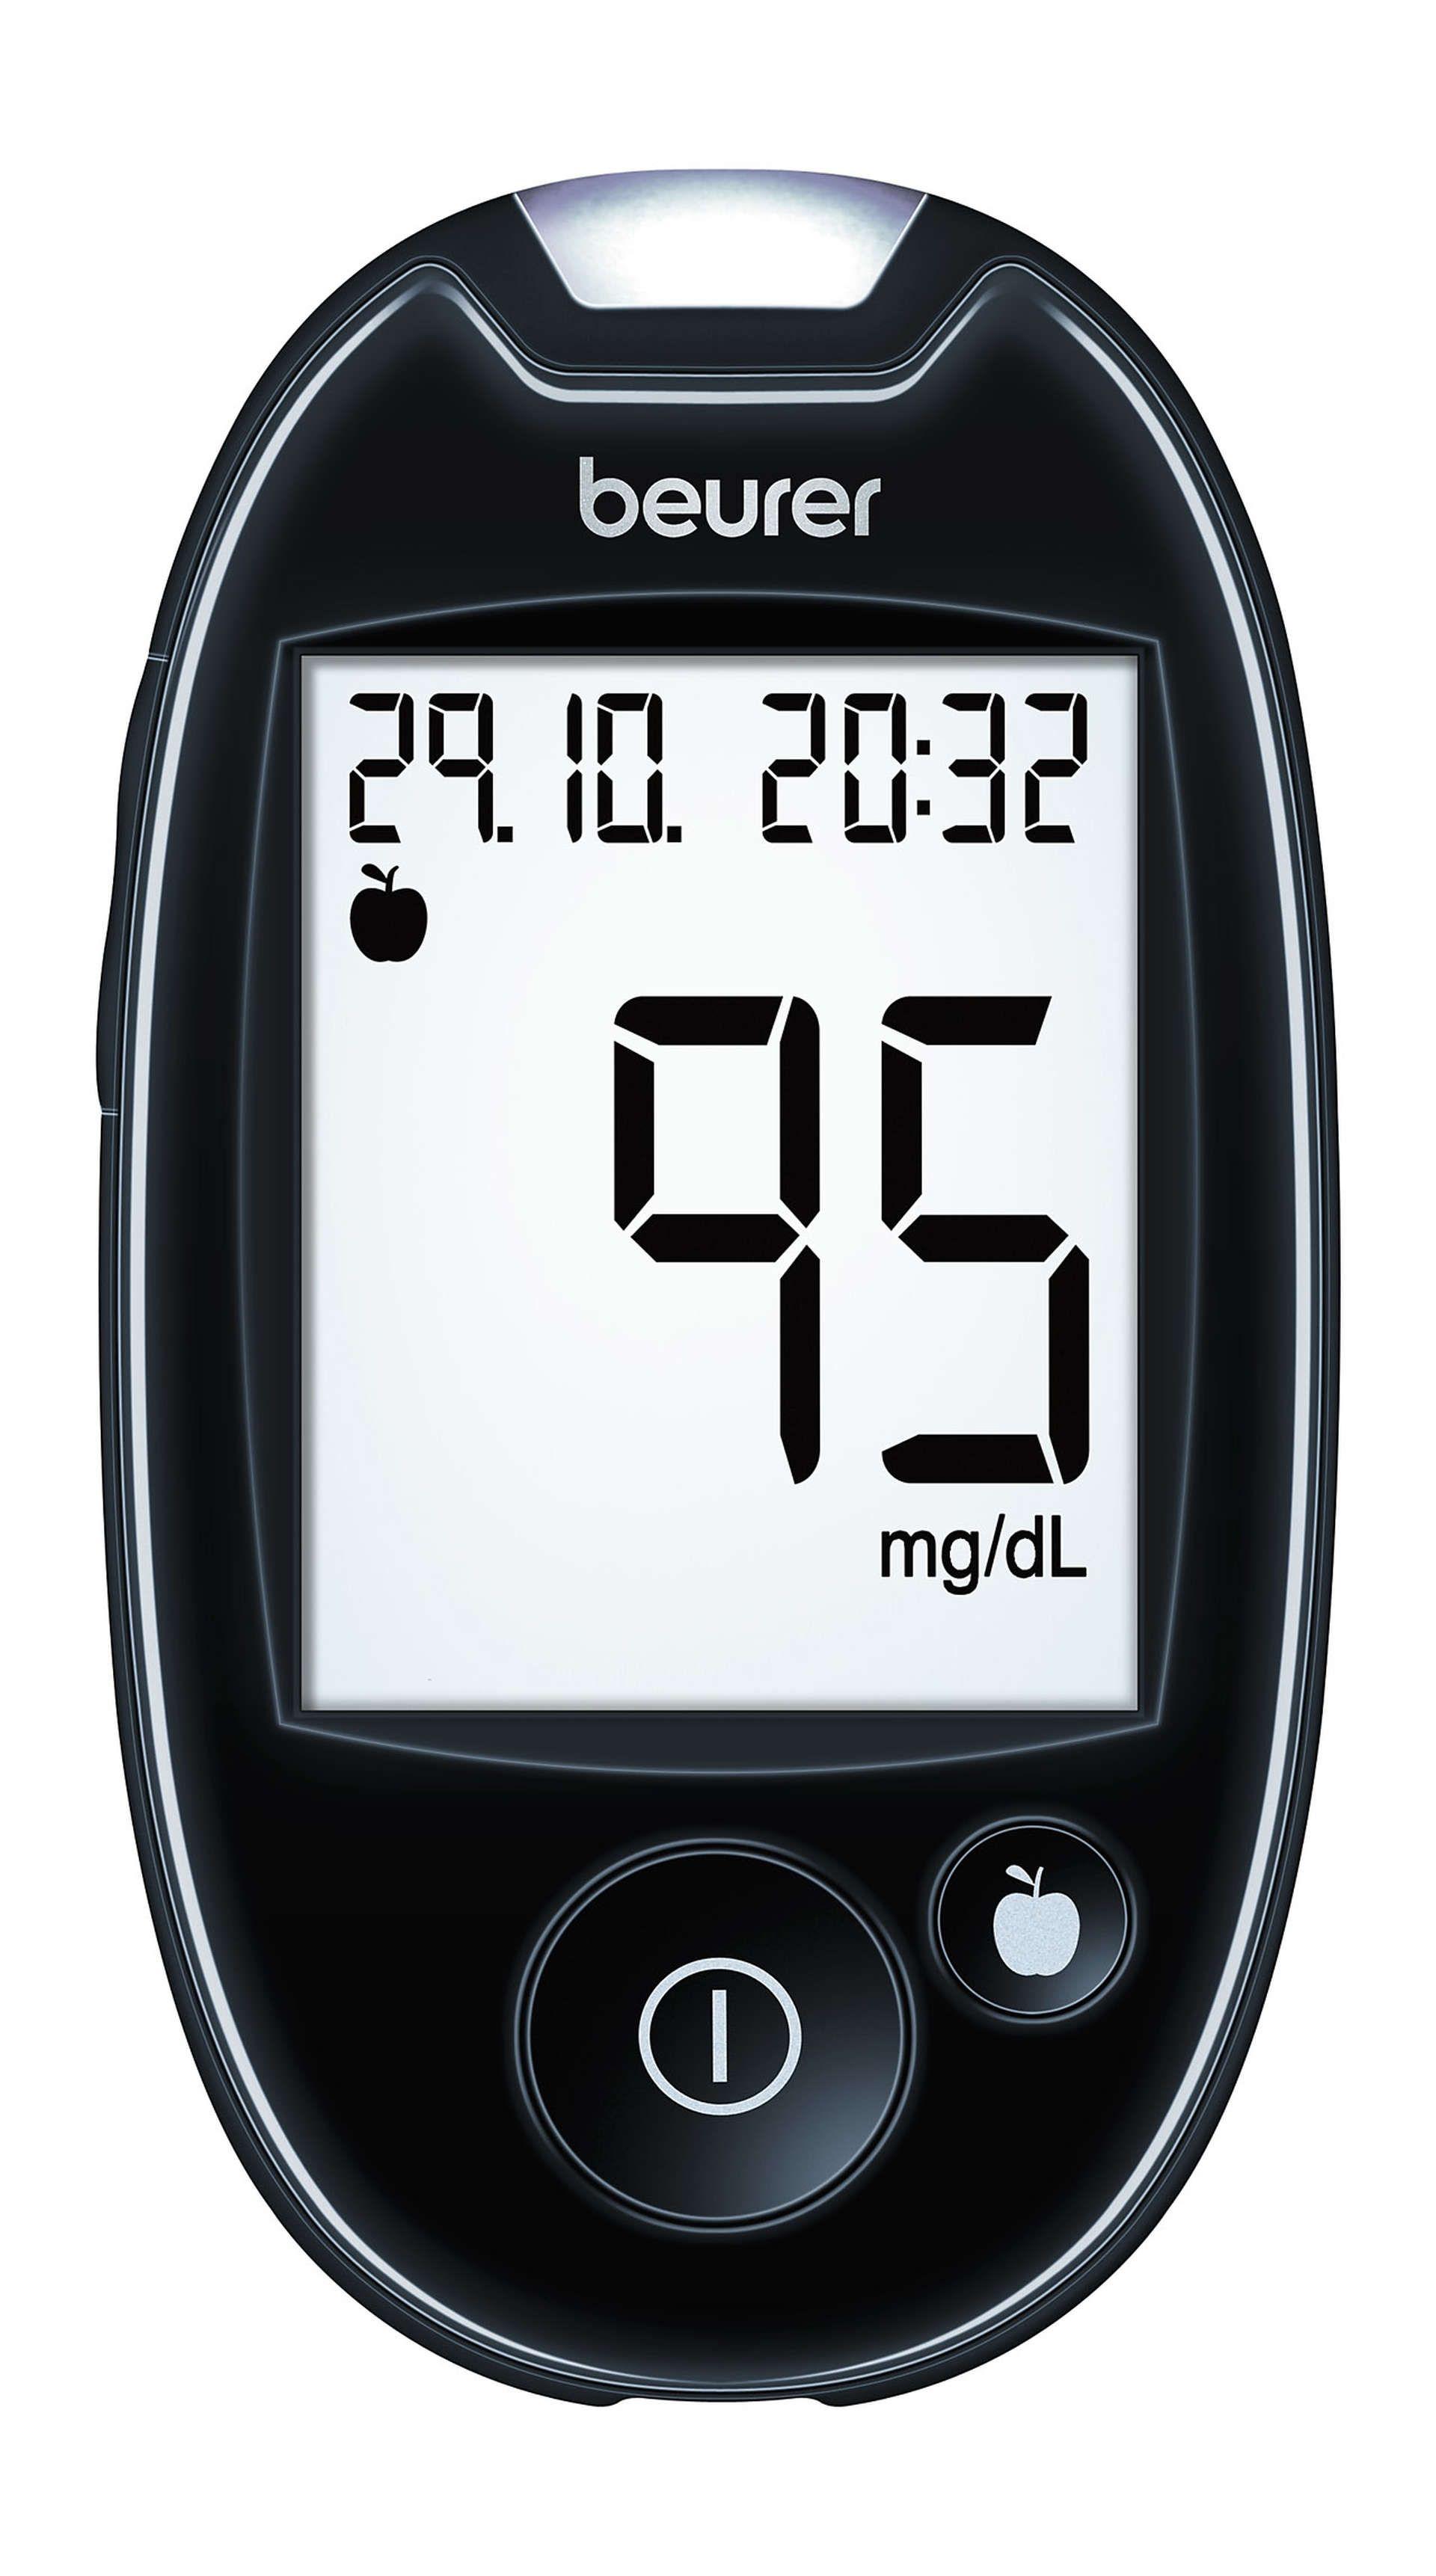 GL 44 mg/dL - blood glucose monitor   beurer